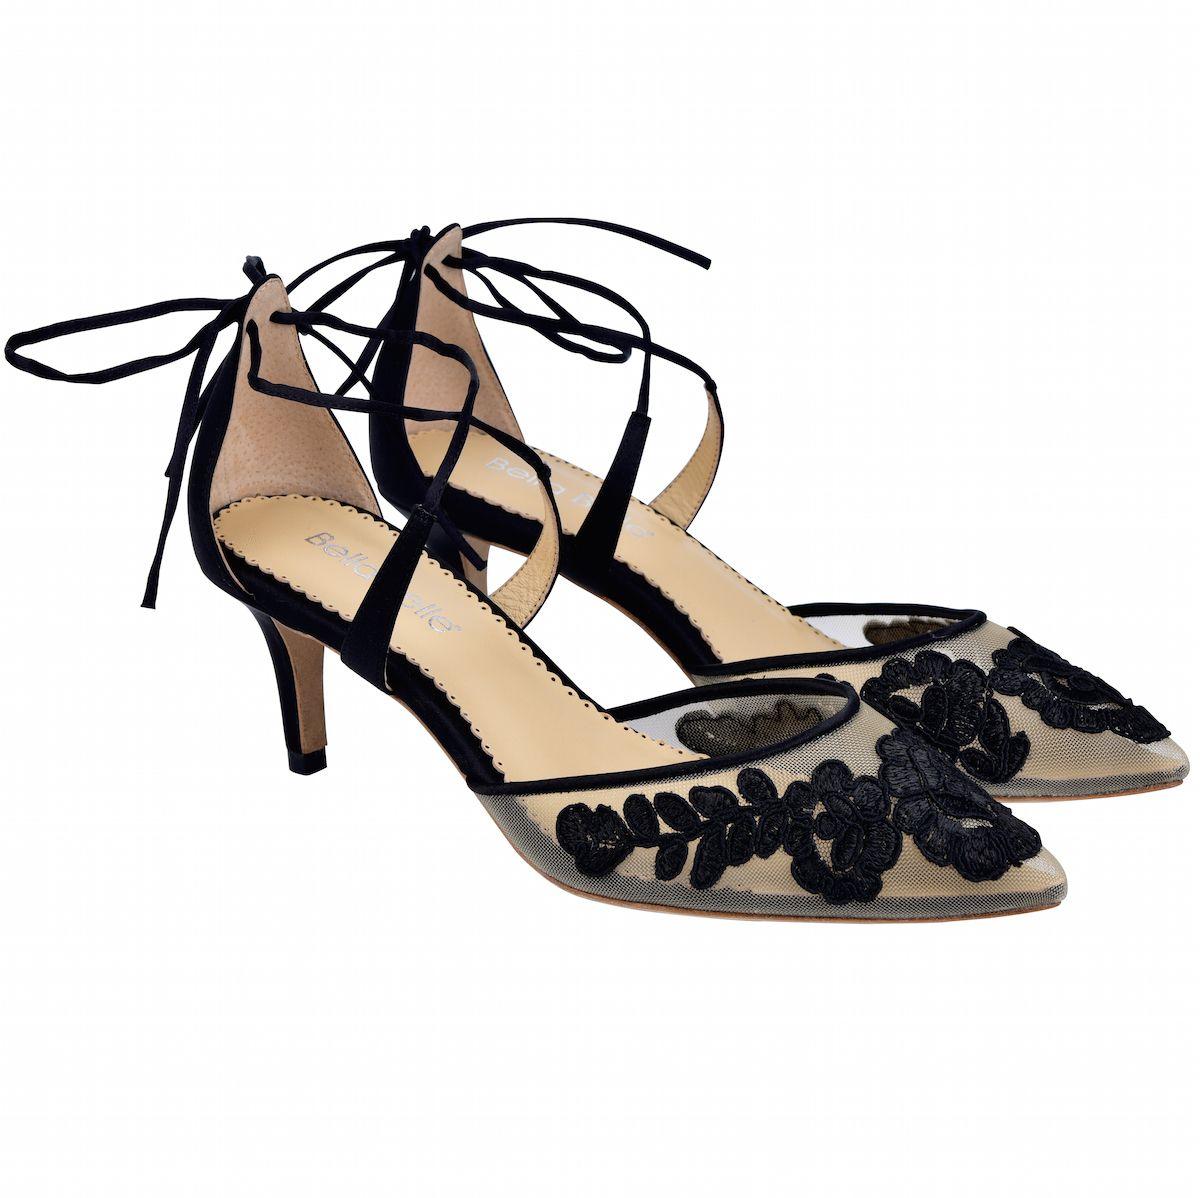 Kitten Lace Black Evening Shoe In 2020 Black Evening Shoes Evening Shoes Low Heel Kitten Heels